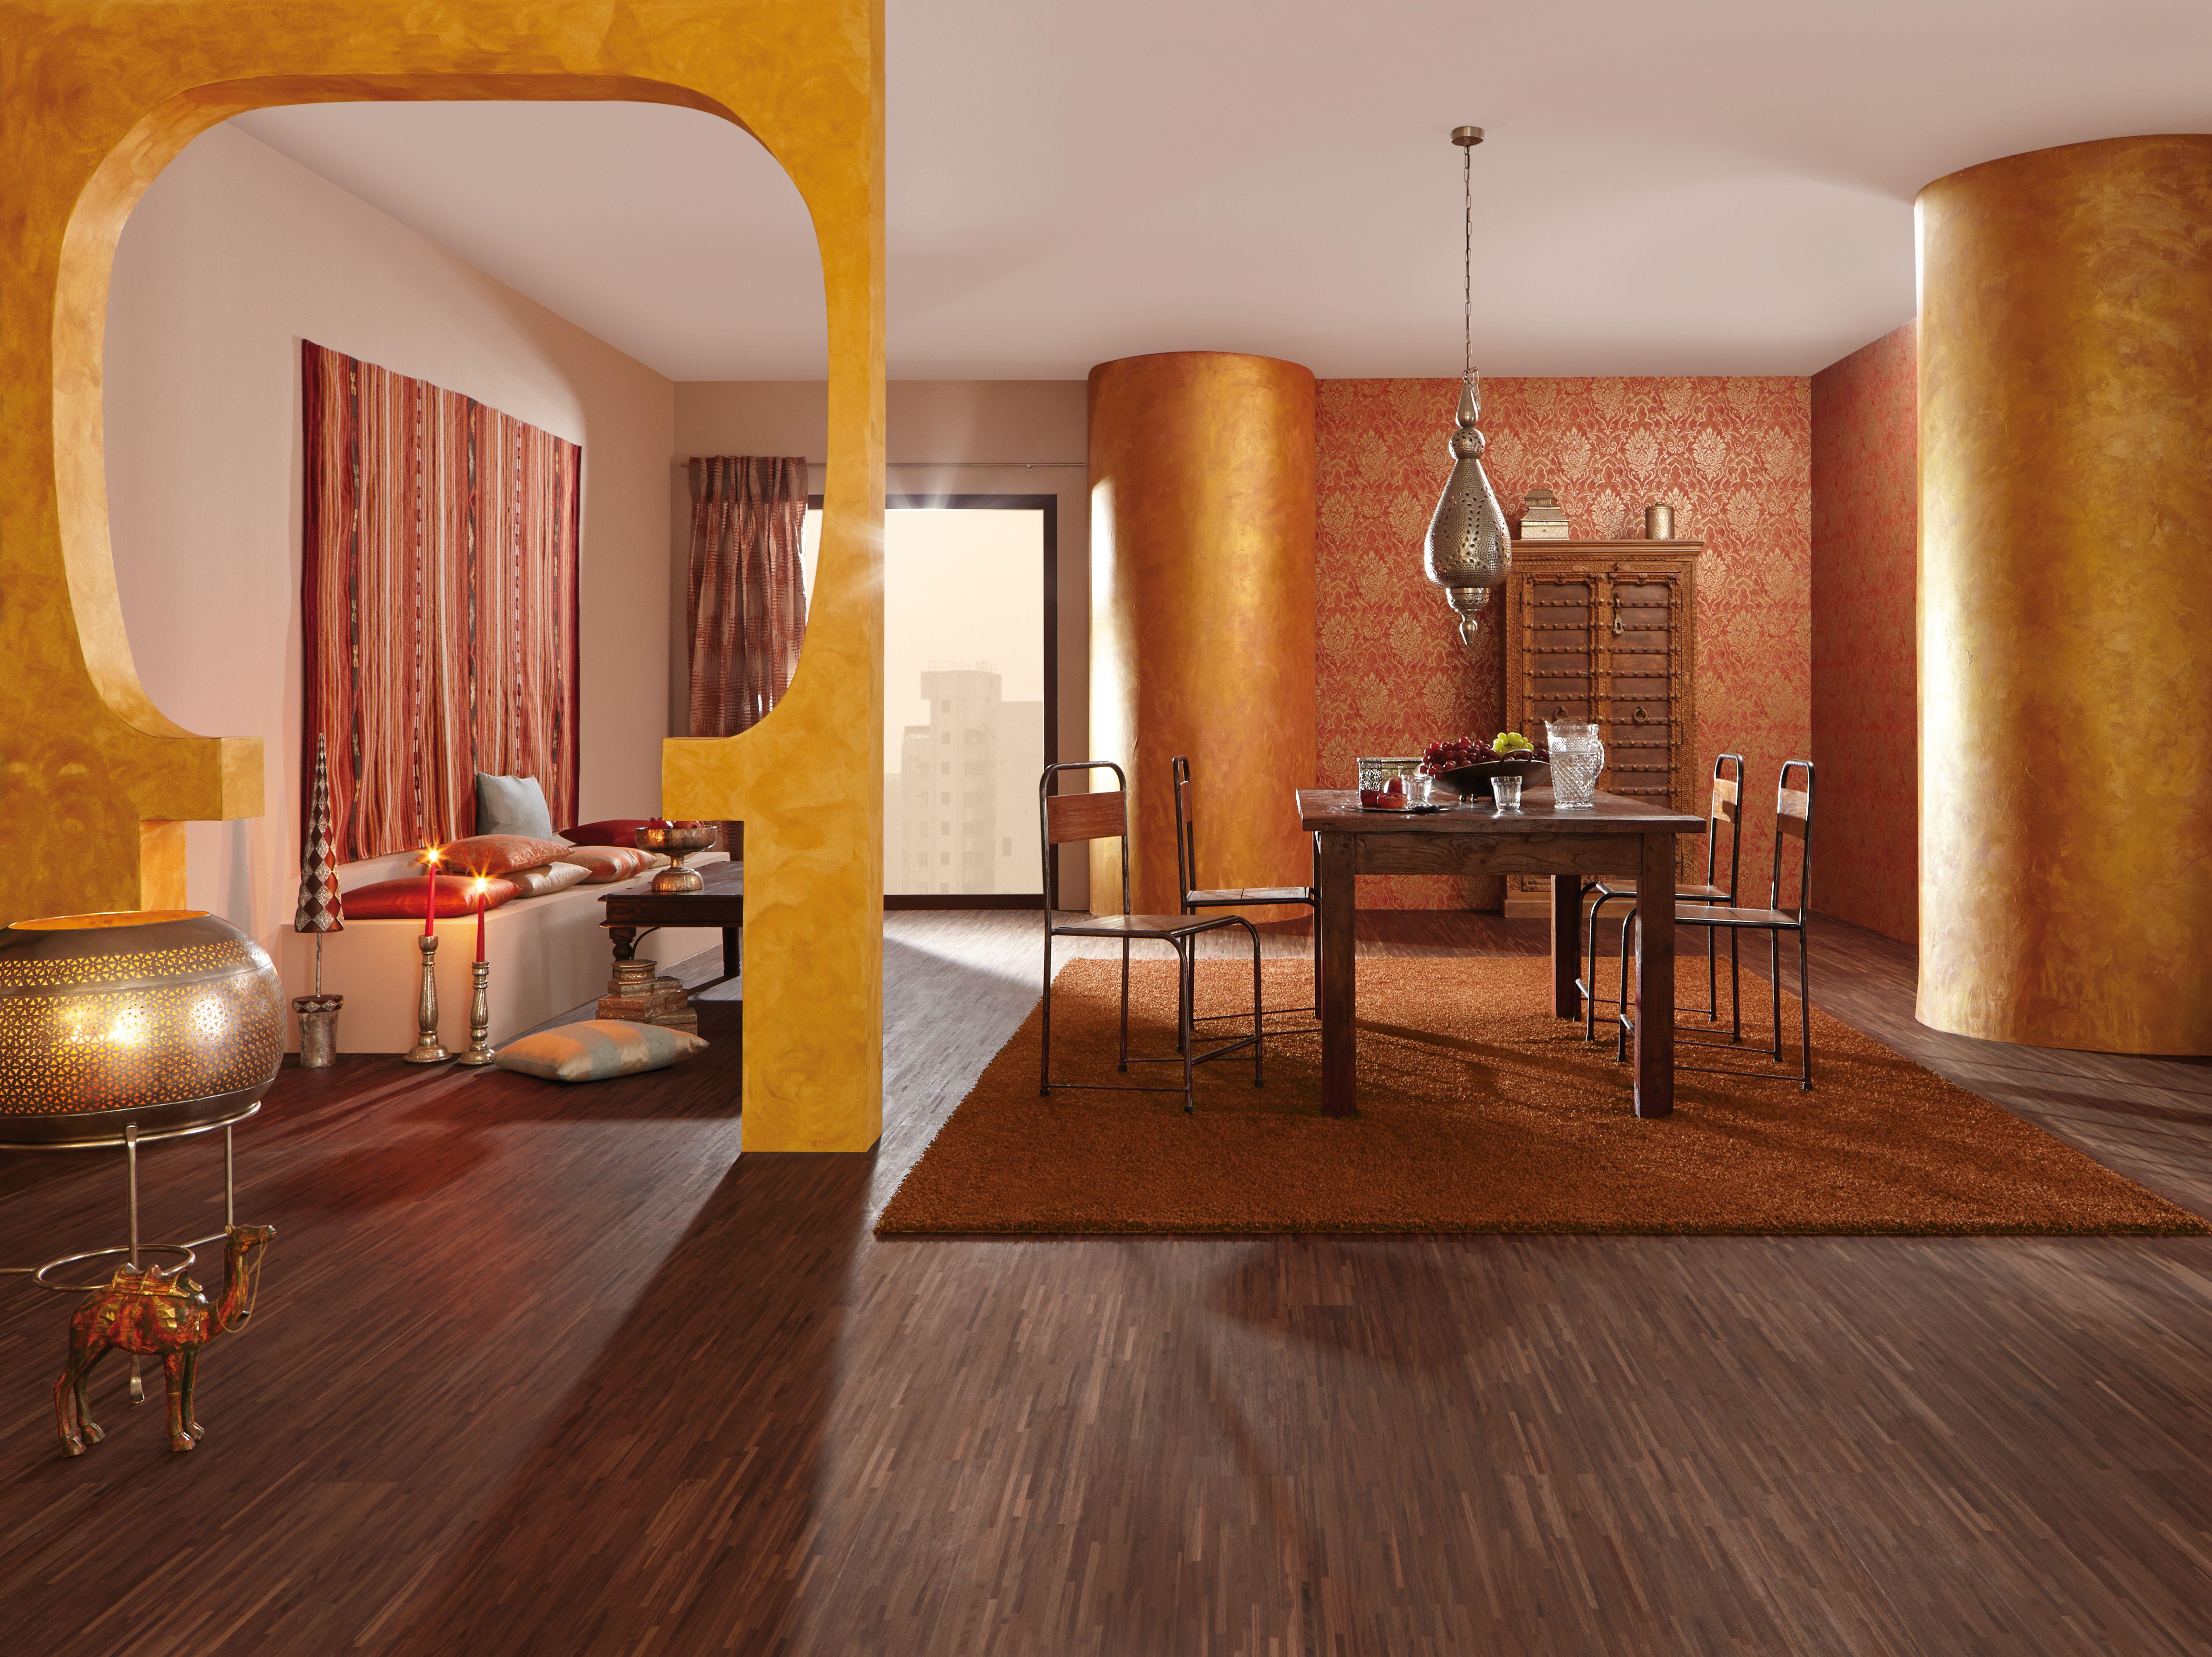 Pin von JOKA Create Your Room auf Raumwelt Styles